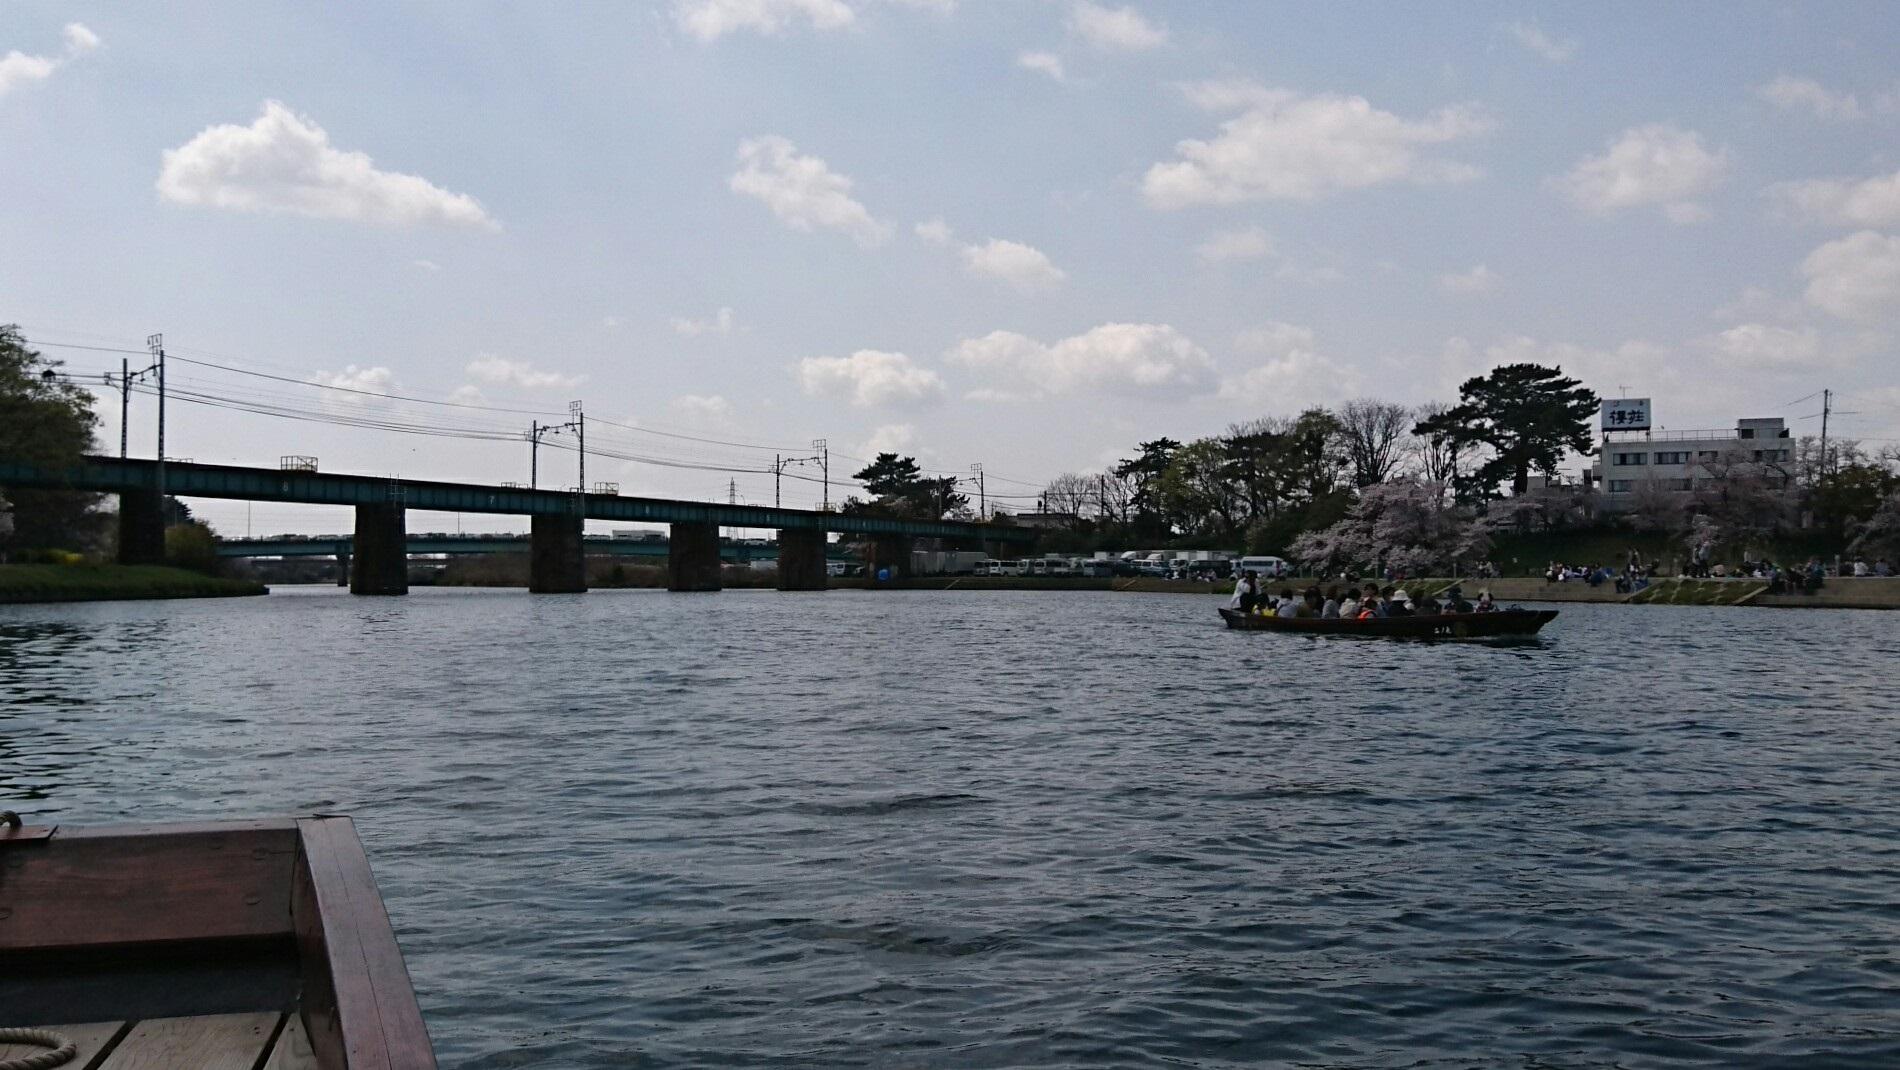 2018.3.31 岡崎ふなあそび (23) くだり - 名古屋本線鉄橋 1900-1070